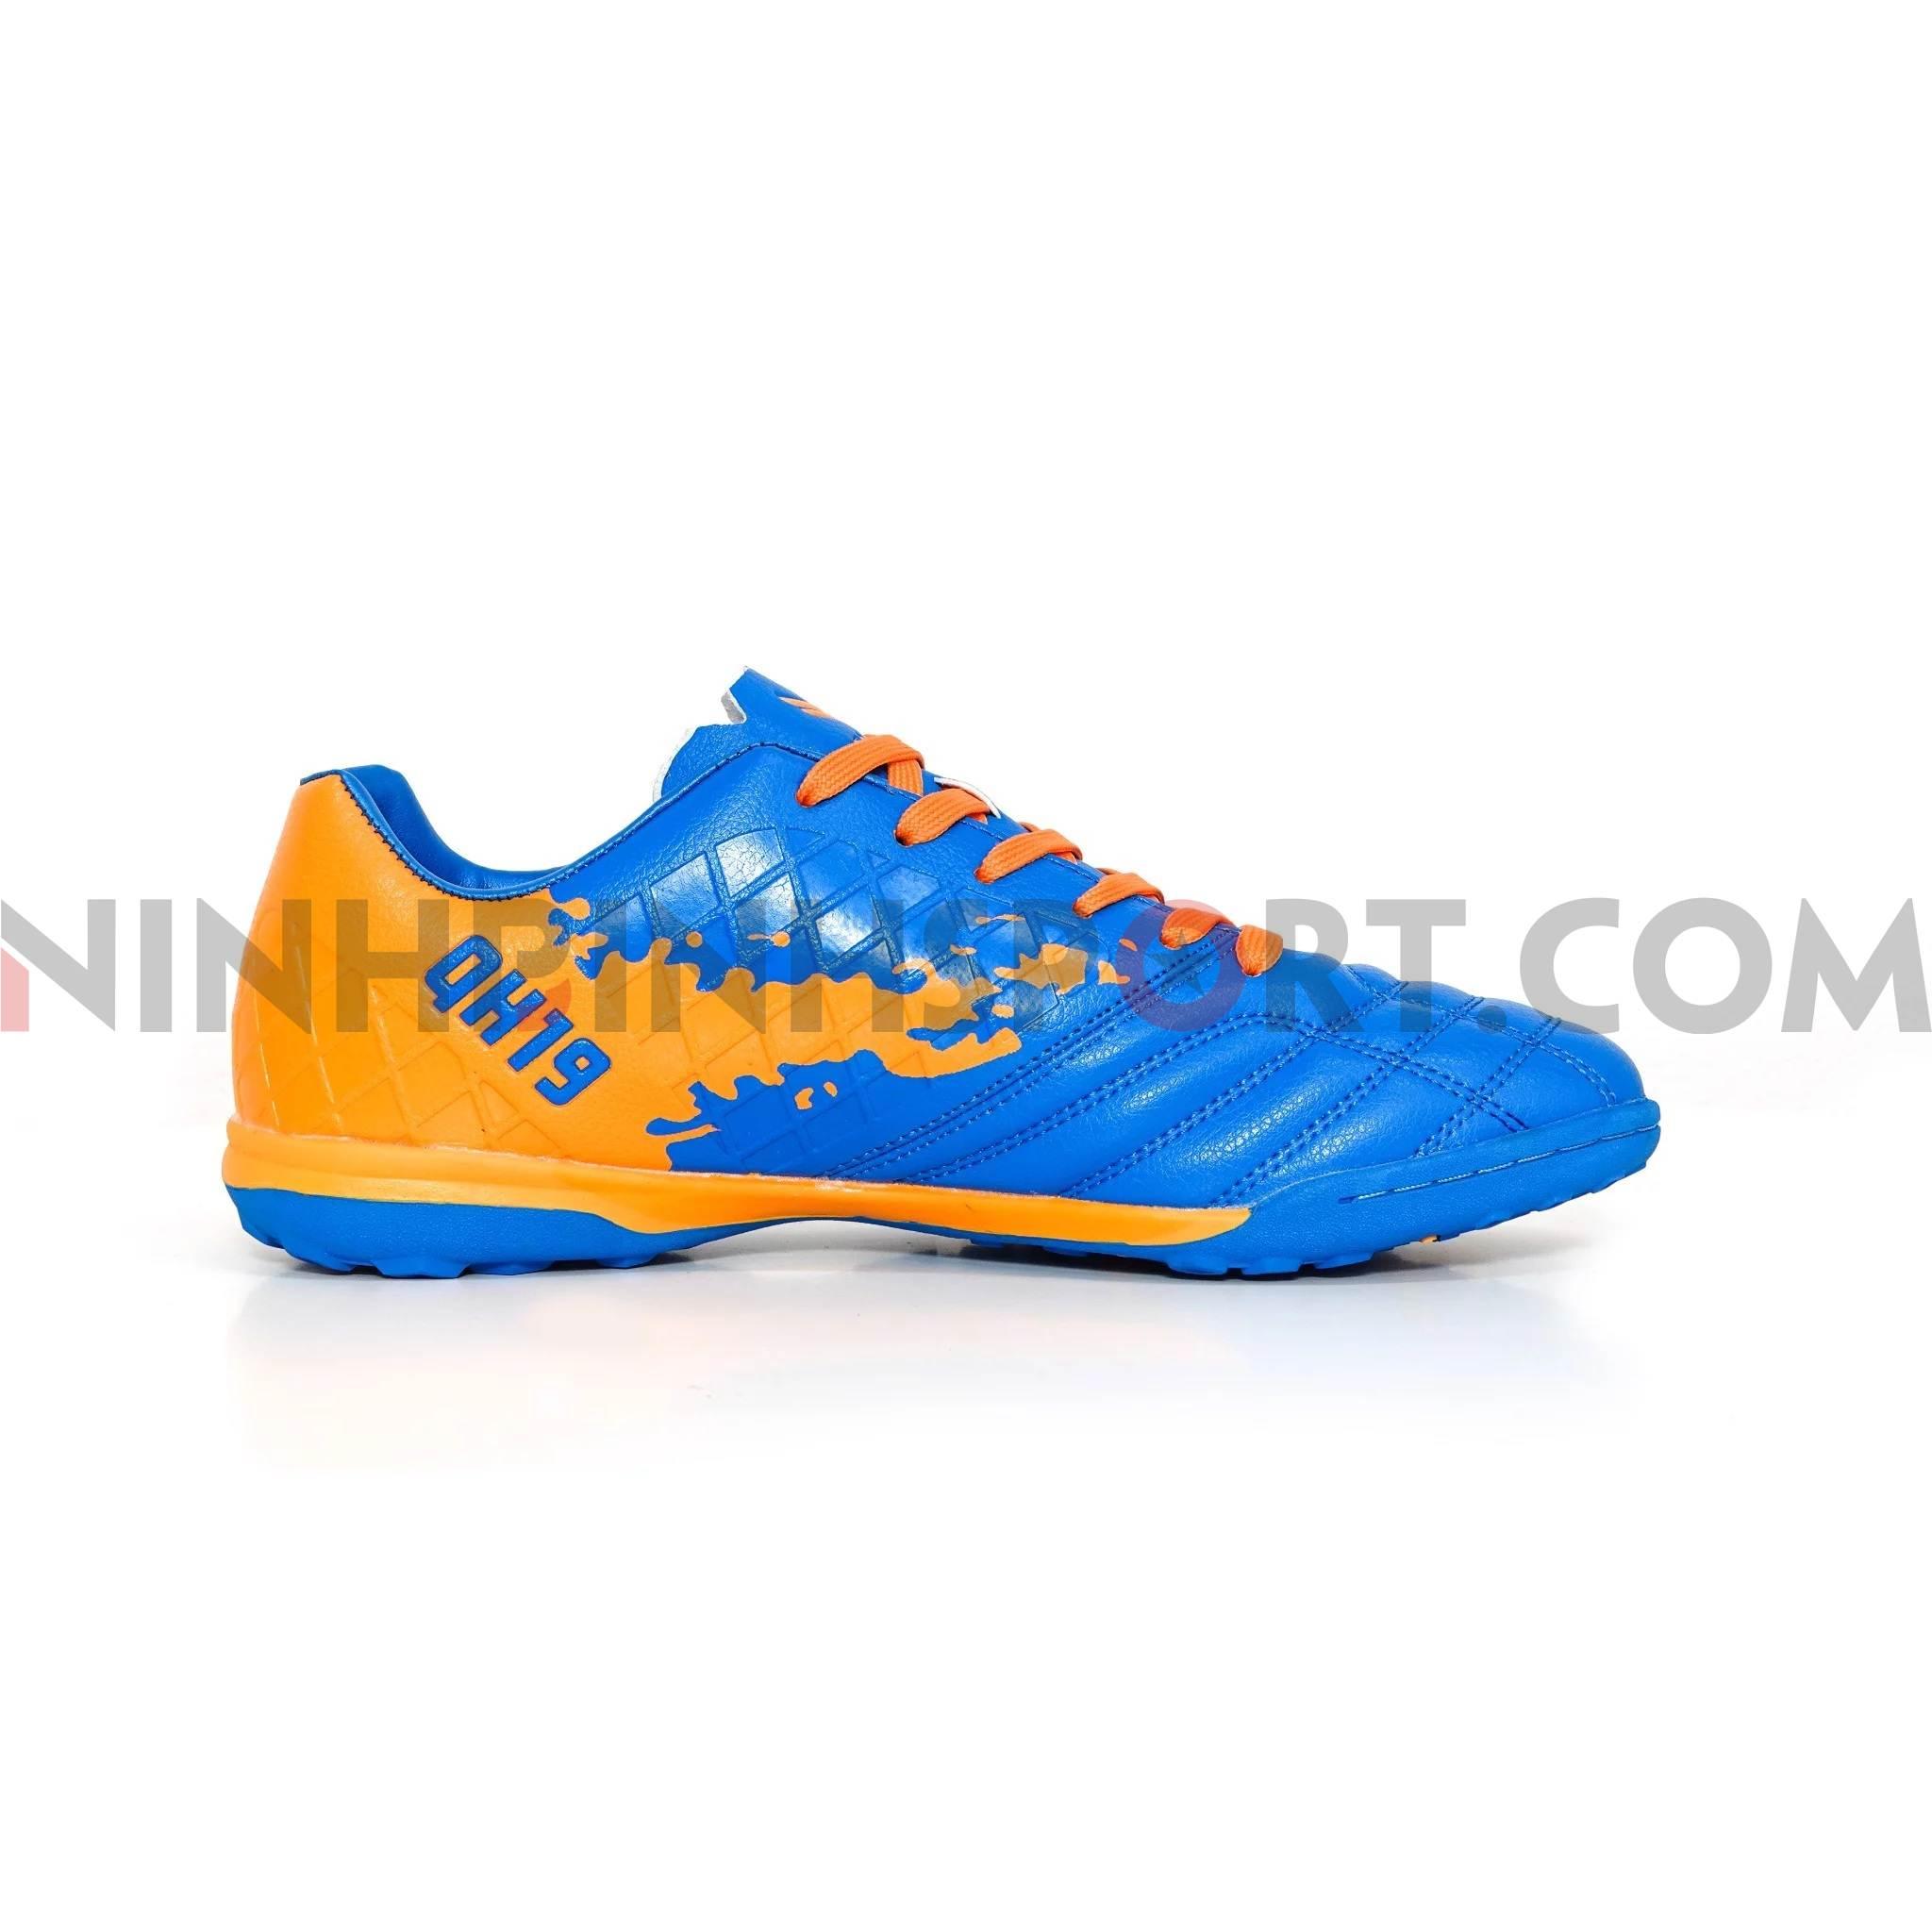 Giầy bóng đá nam Kamito QH19 Premium Pack F19607